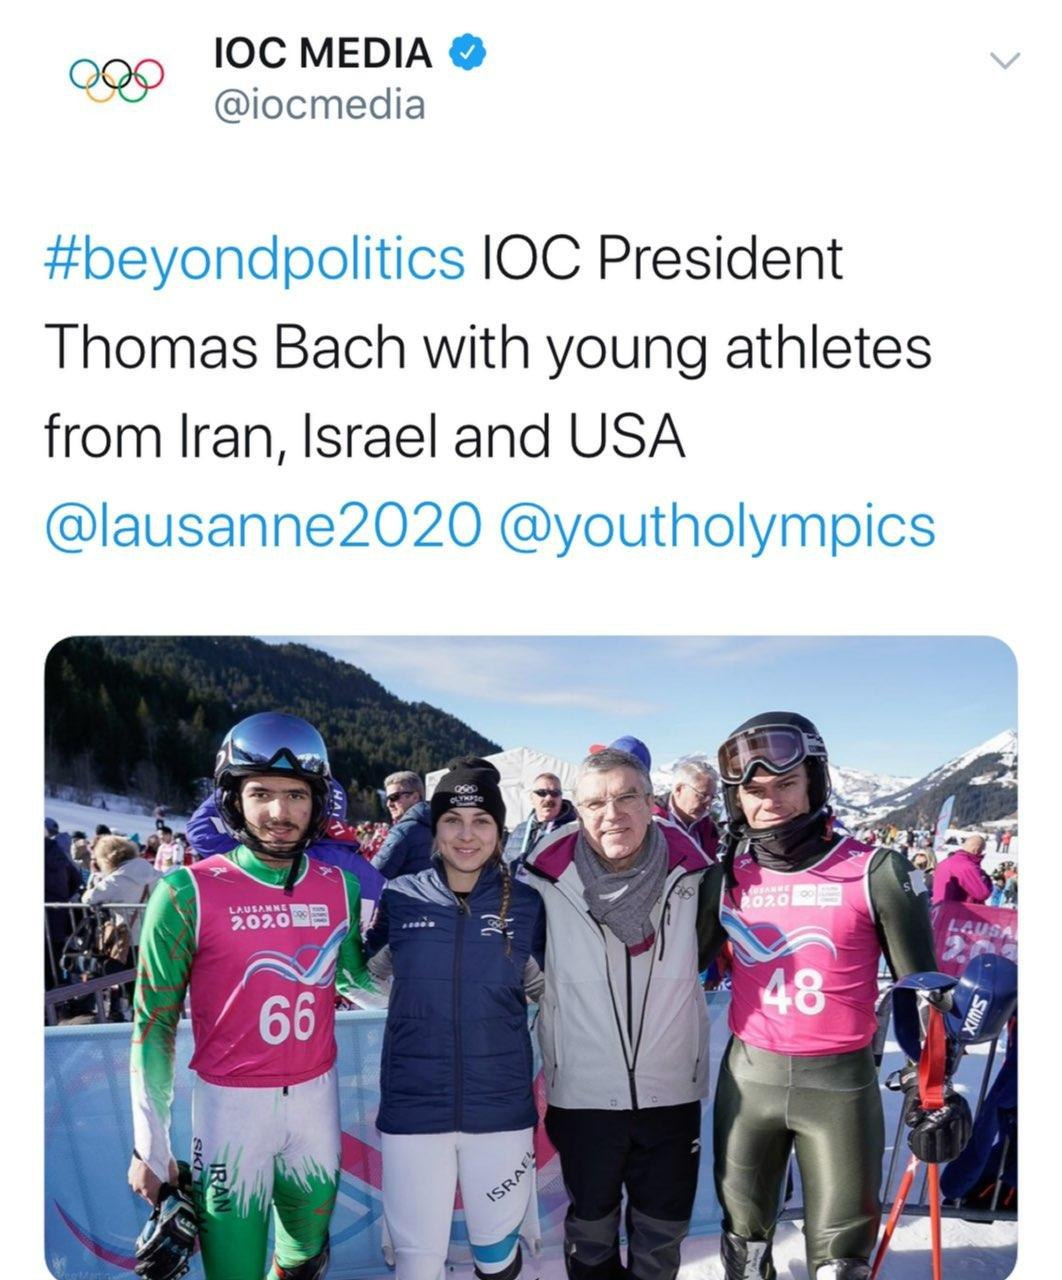 عکس جنجالی رییس IOC؛ ورزشکار ایرانی و اسراییلی باهم!